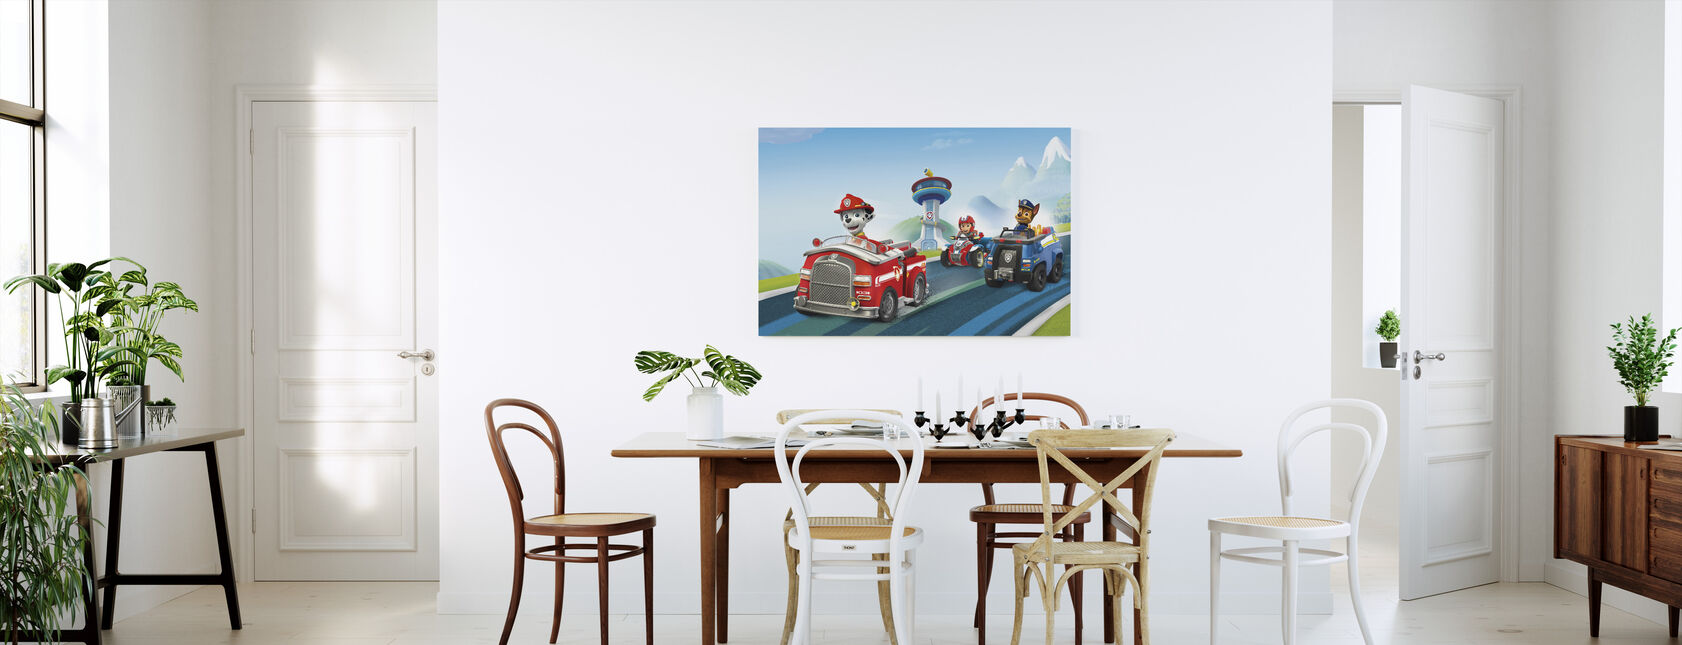 PAW Patrol - Klaar voor Actie - Canvas print - Keuken